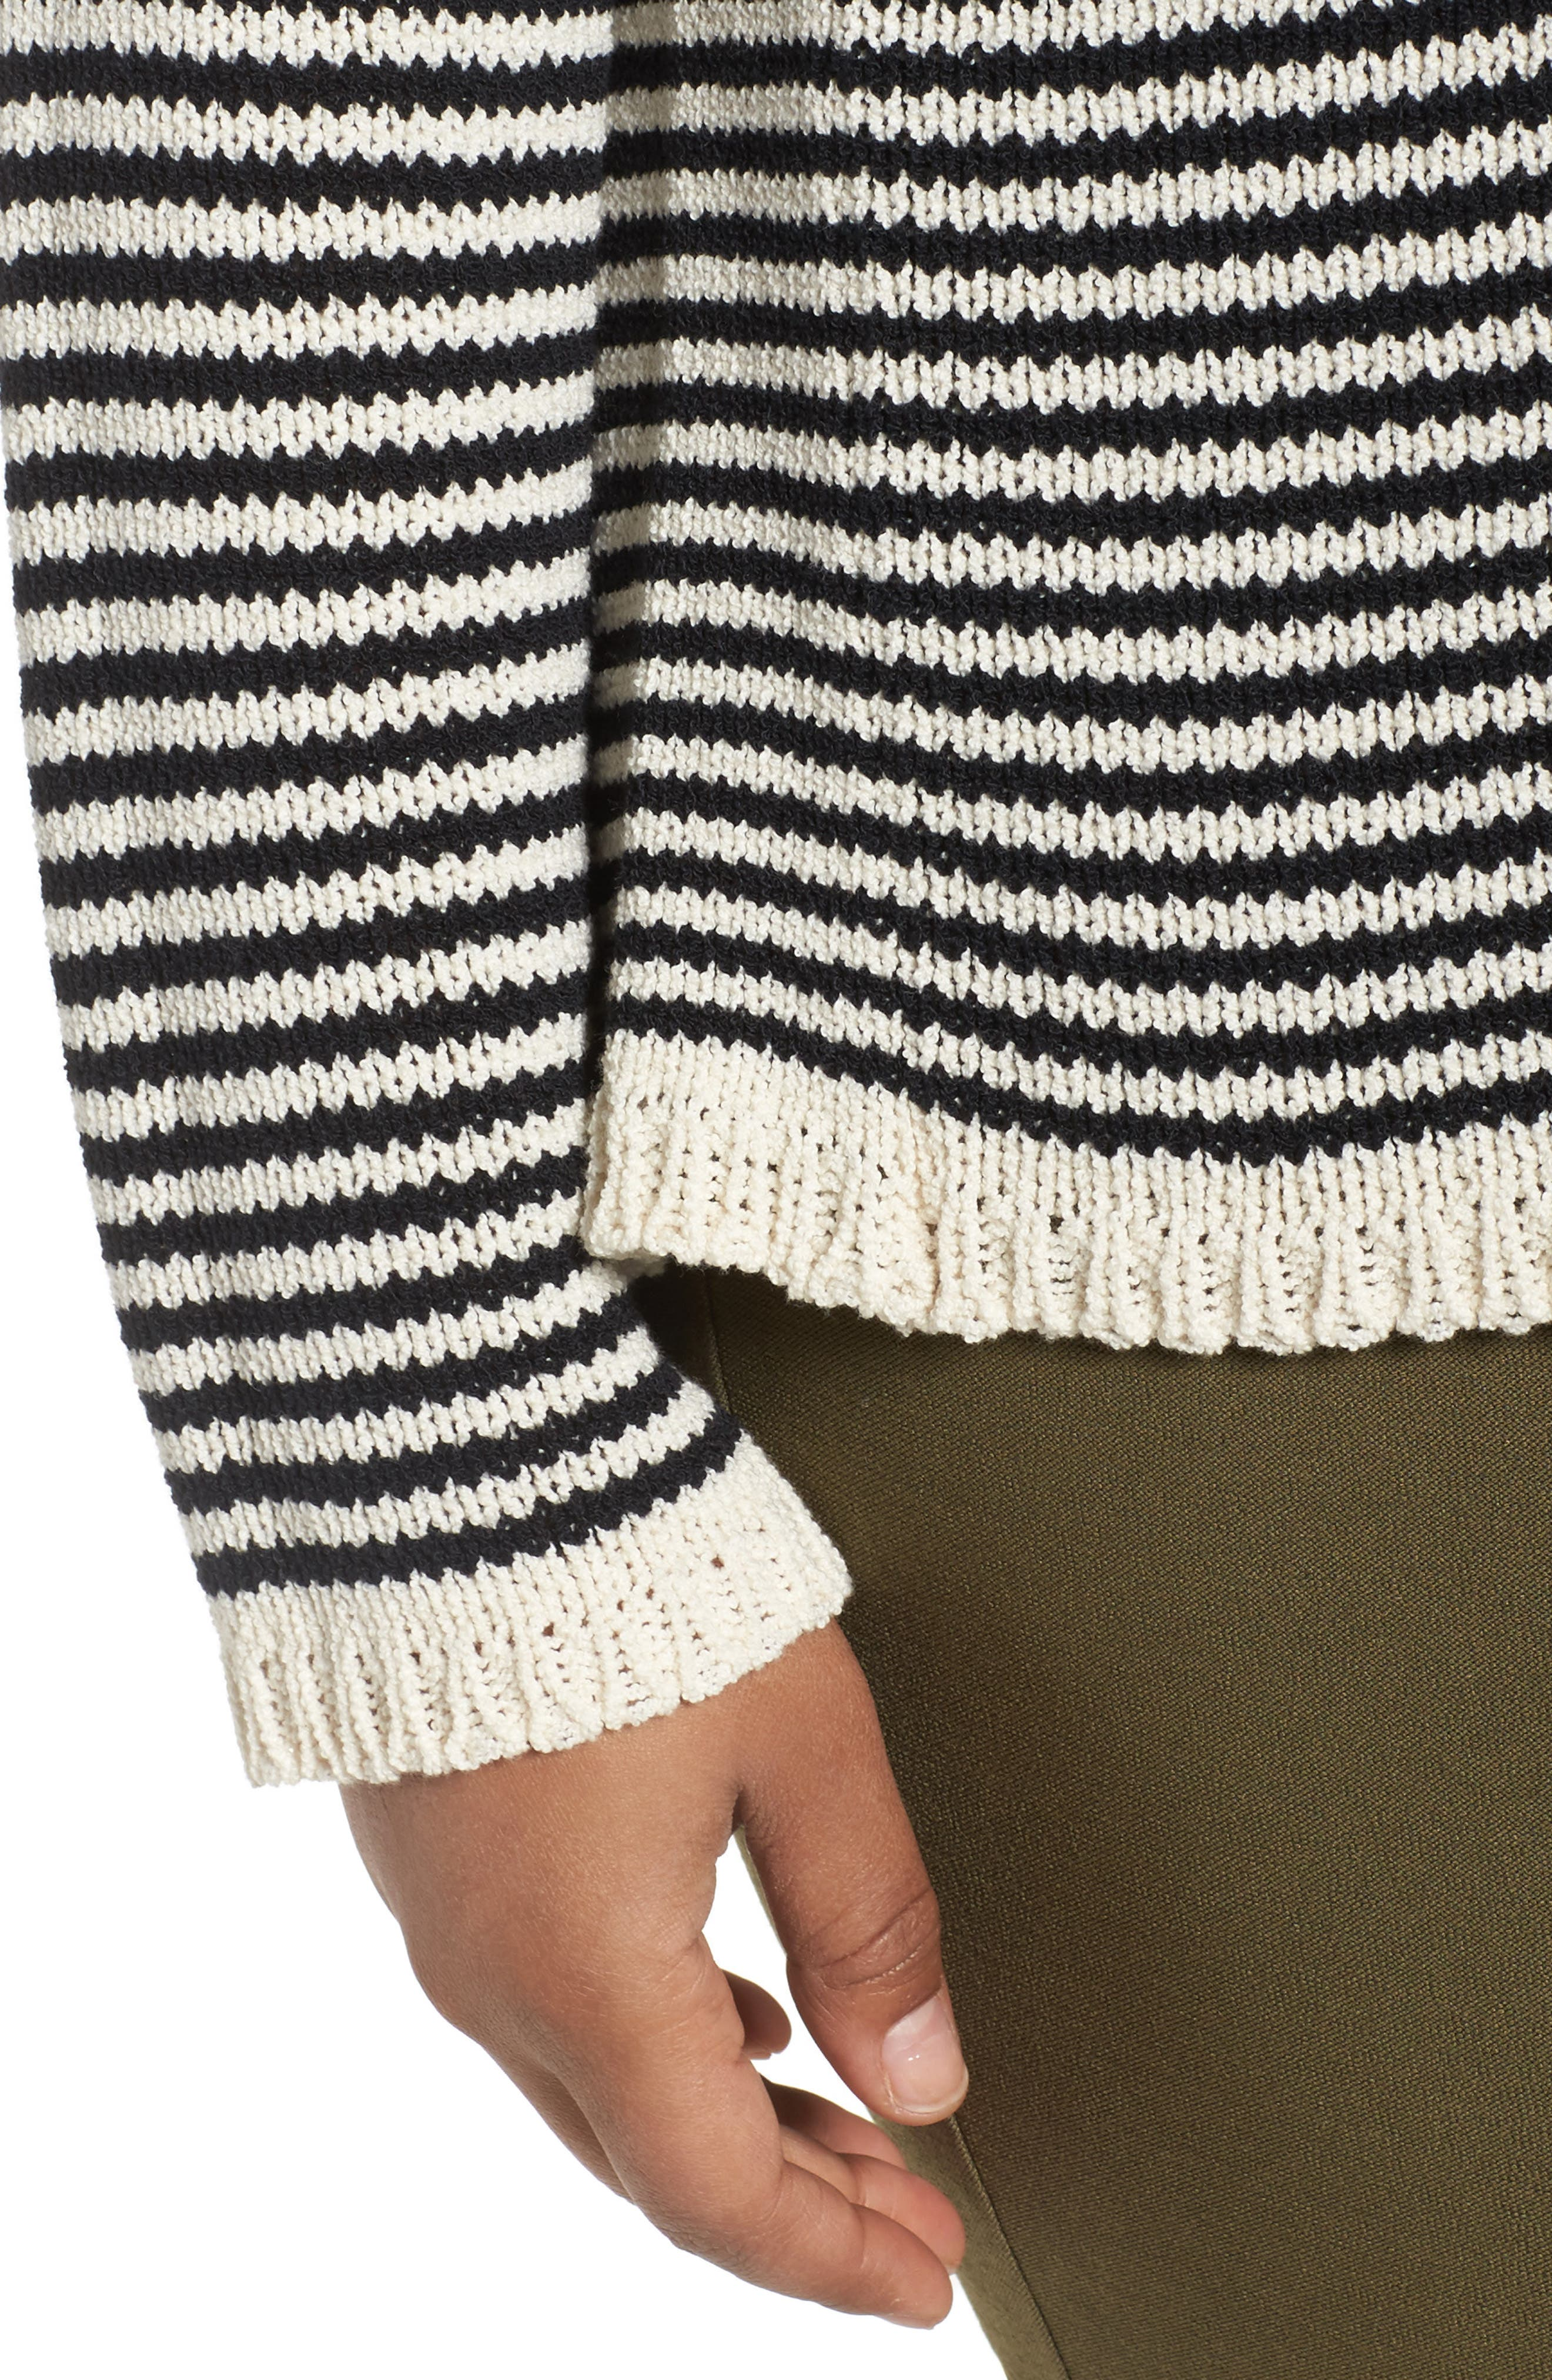 Stripe Cotton Blend Knit Top,                             Alternate thumbnail 4, color,                             001